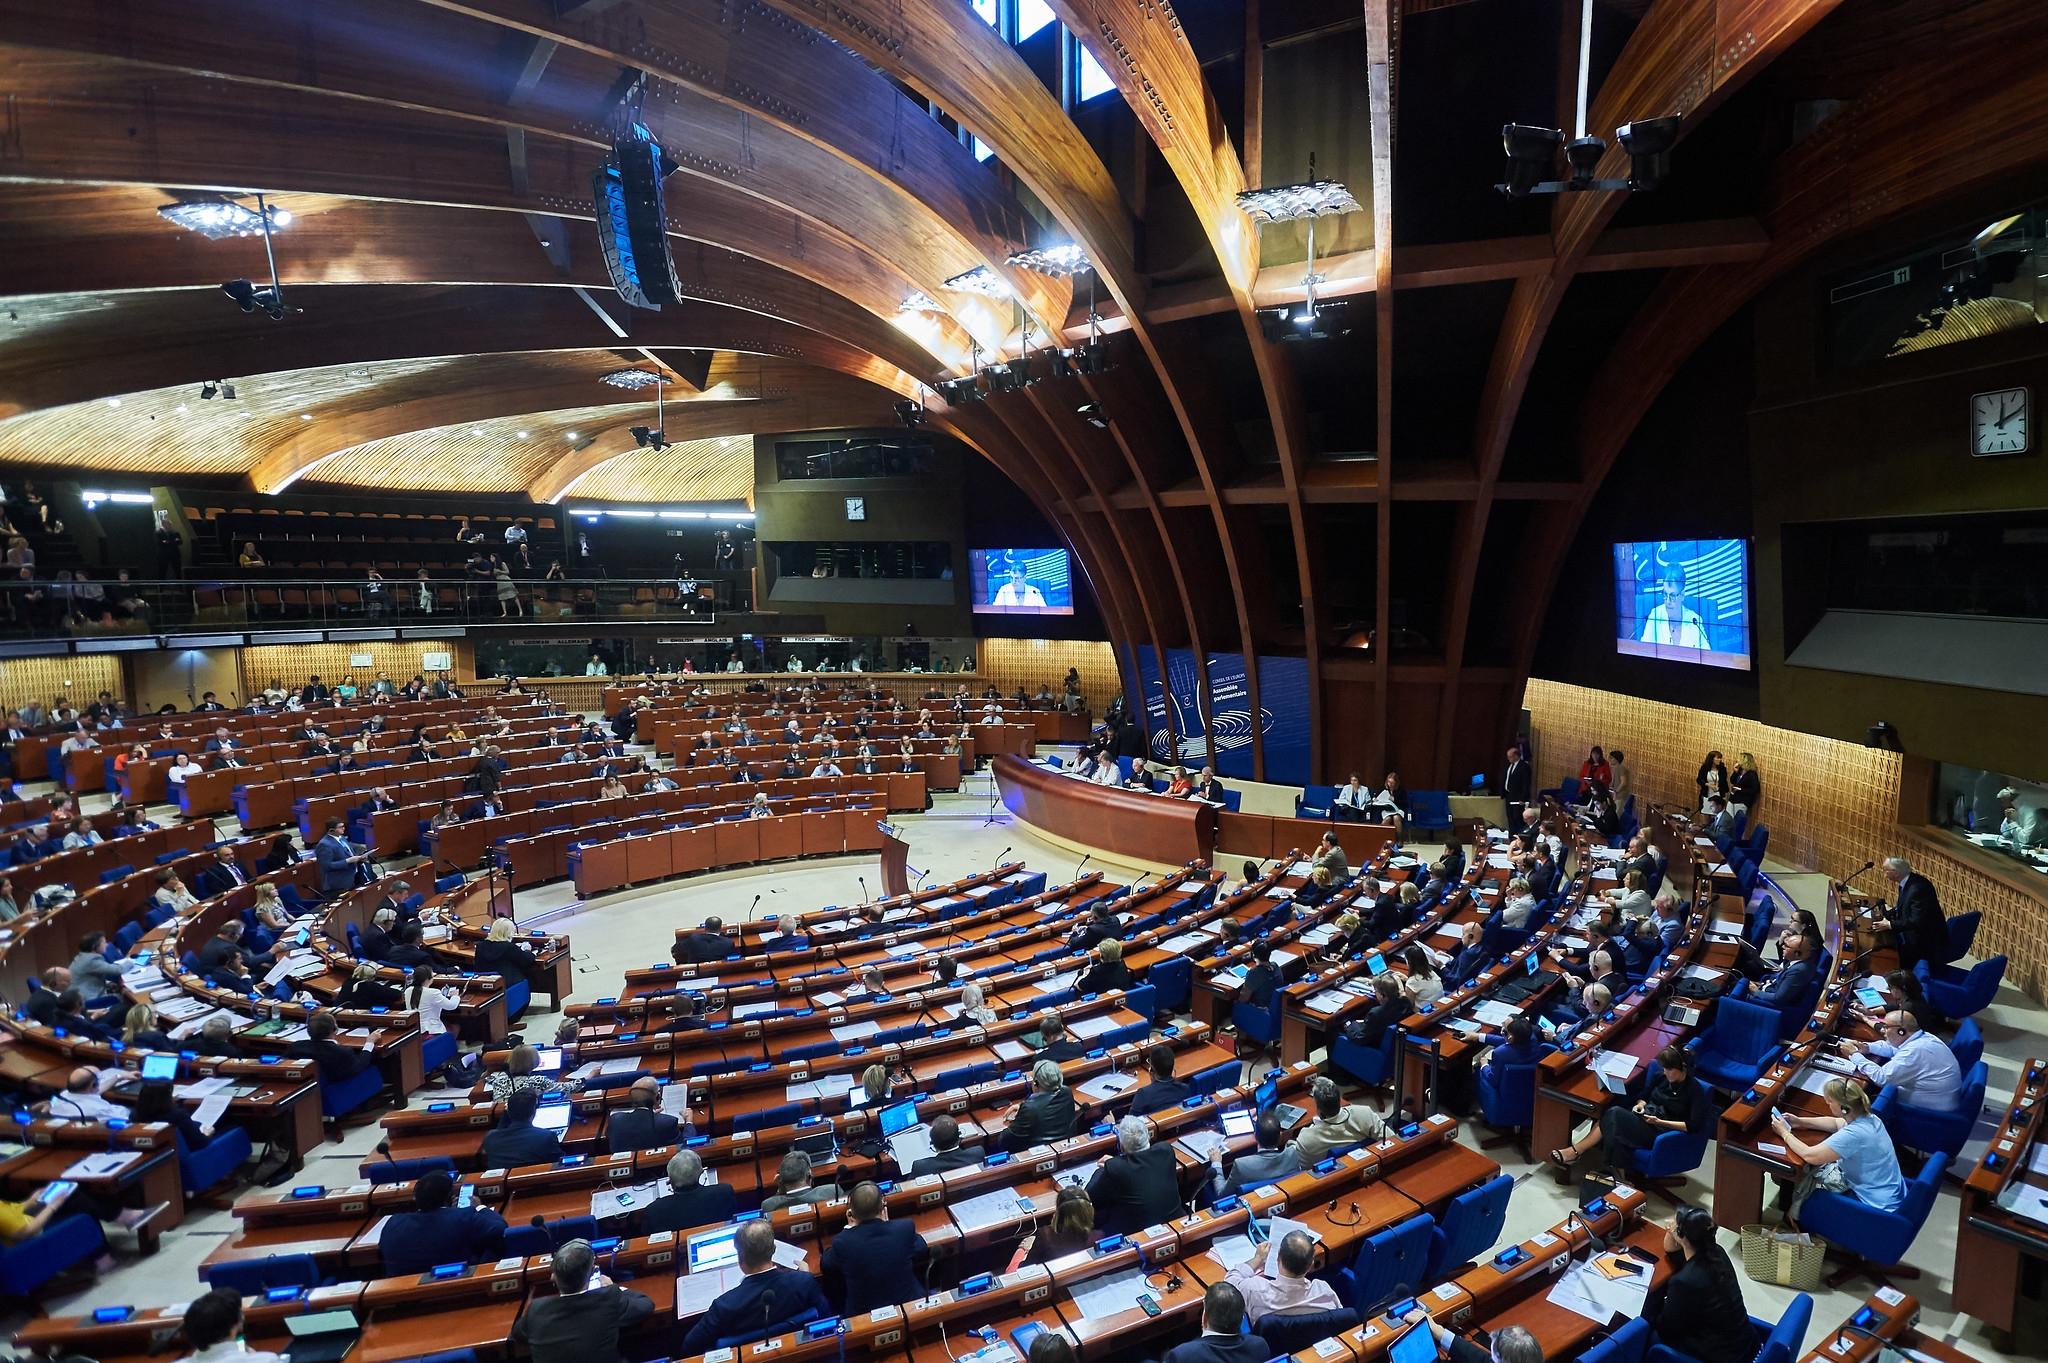 ENPA Eesti delegatsiooni eesmärk on juhtida tähelepanu Venemaa probleemile